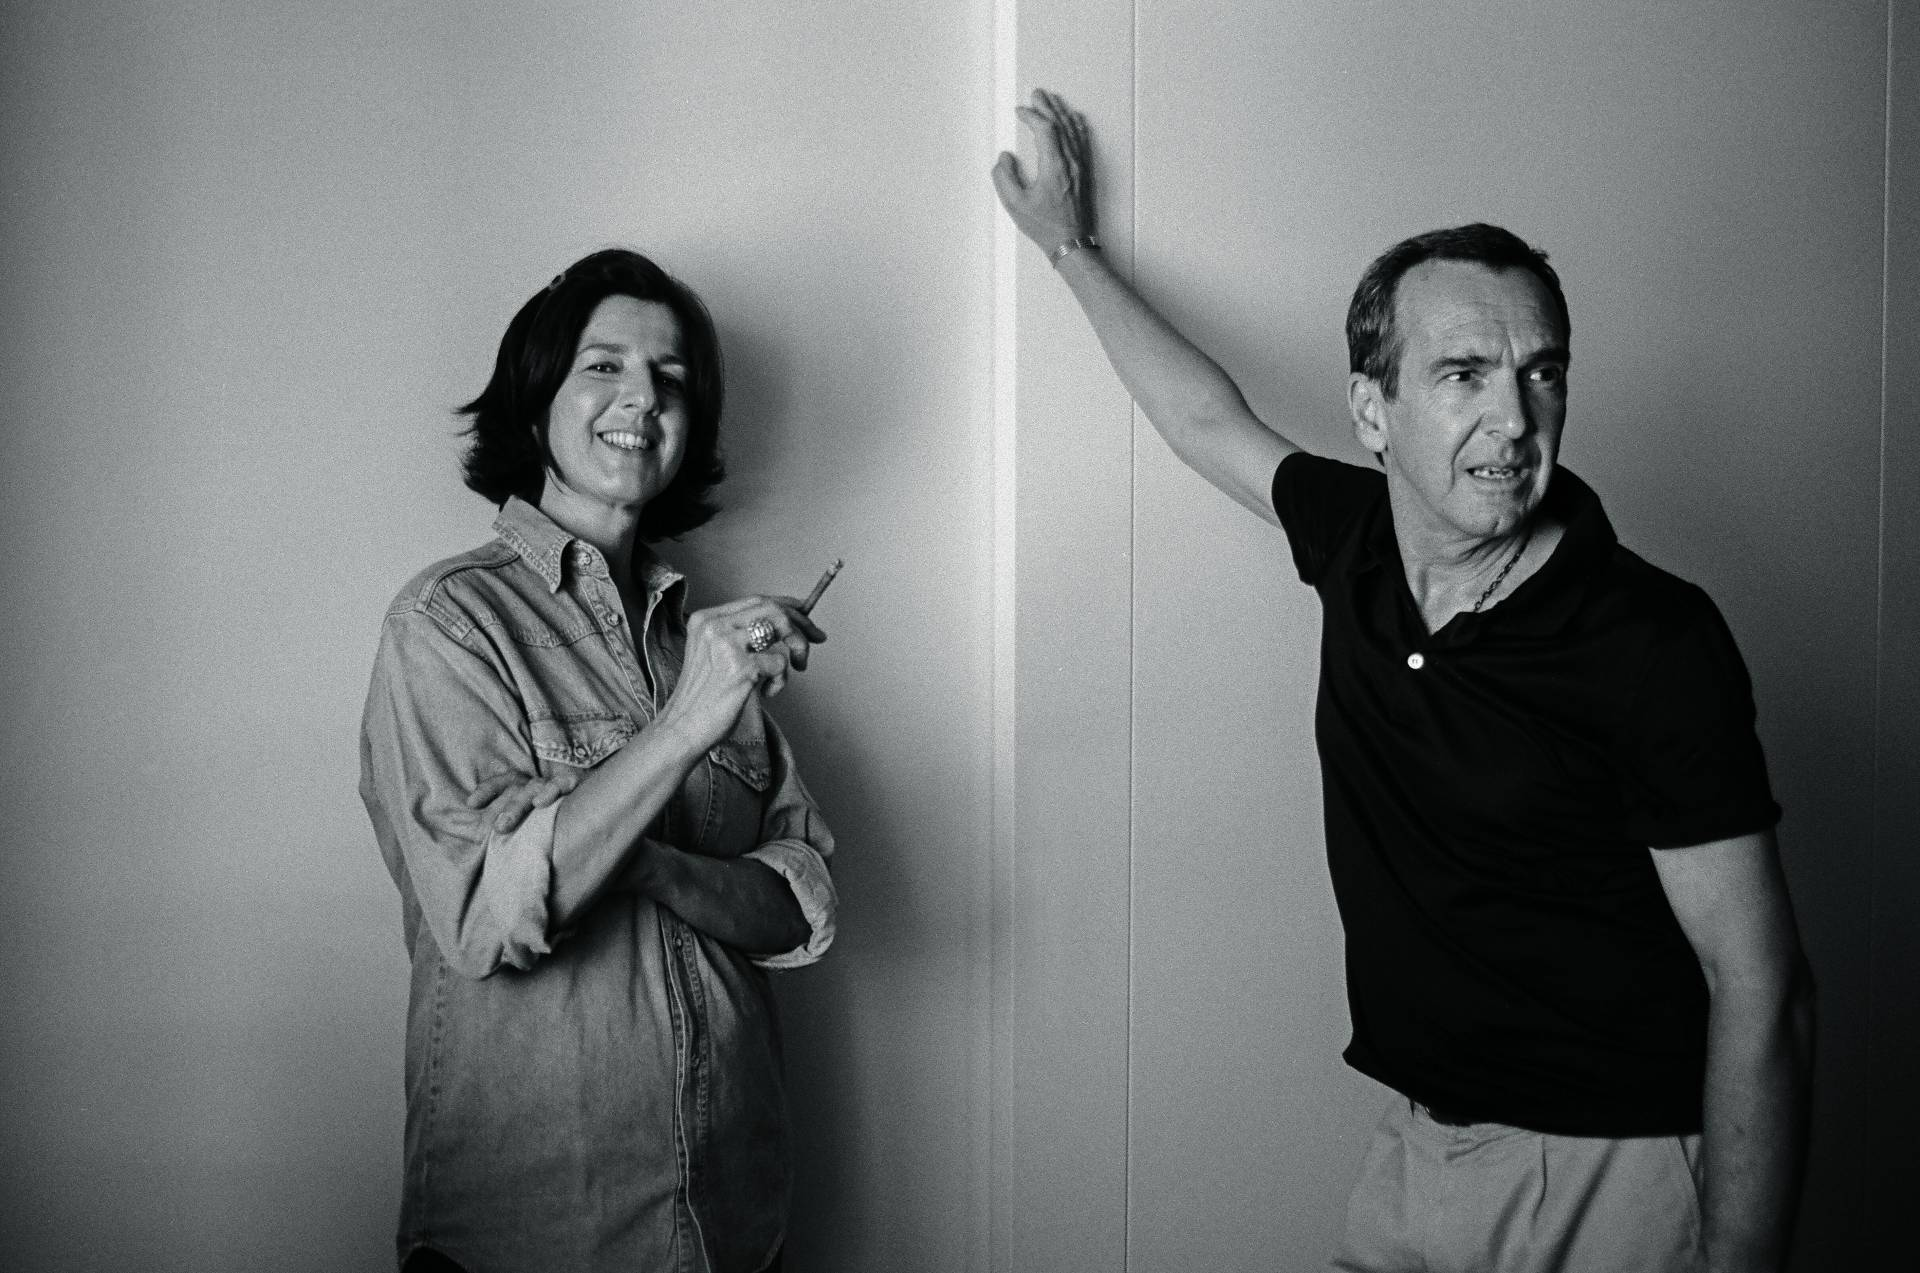 Beatriz Llamas con su sortija 'Cesta' y Jaime García Andrade con la pulsera 'Jaime'.